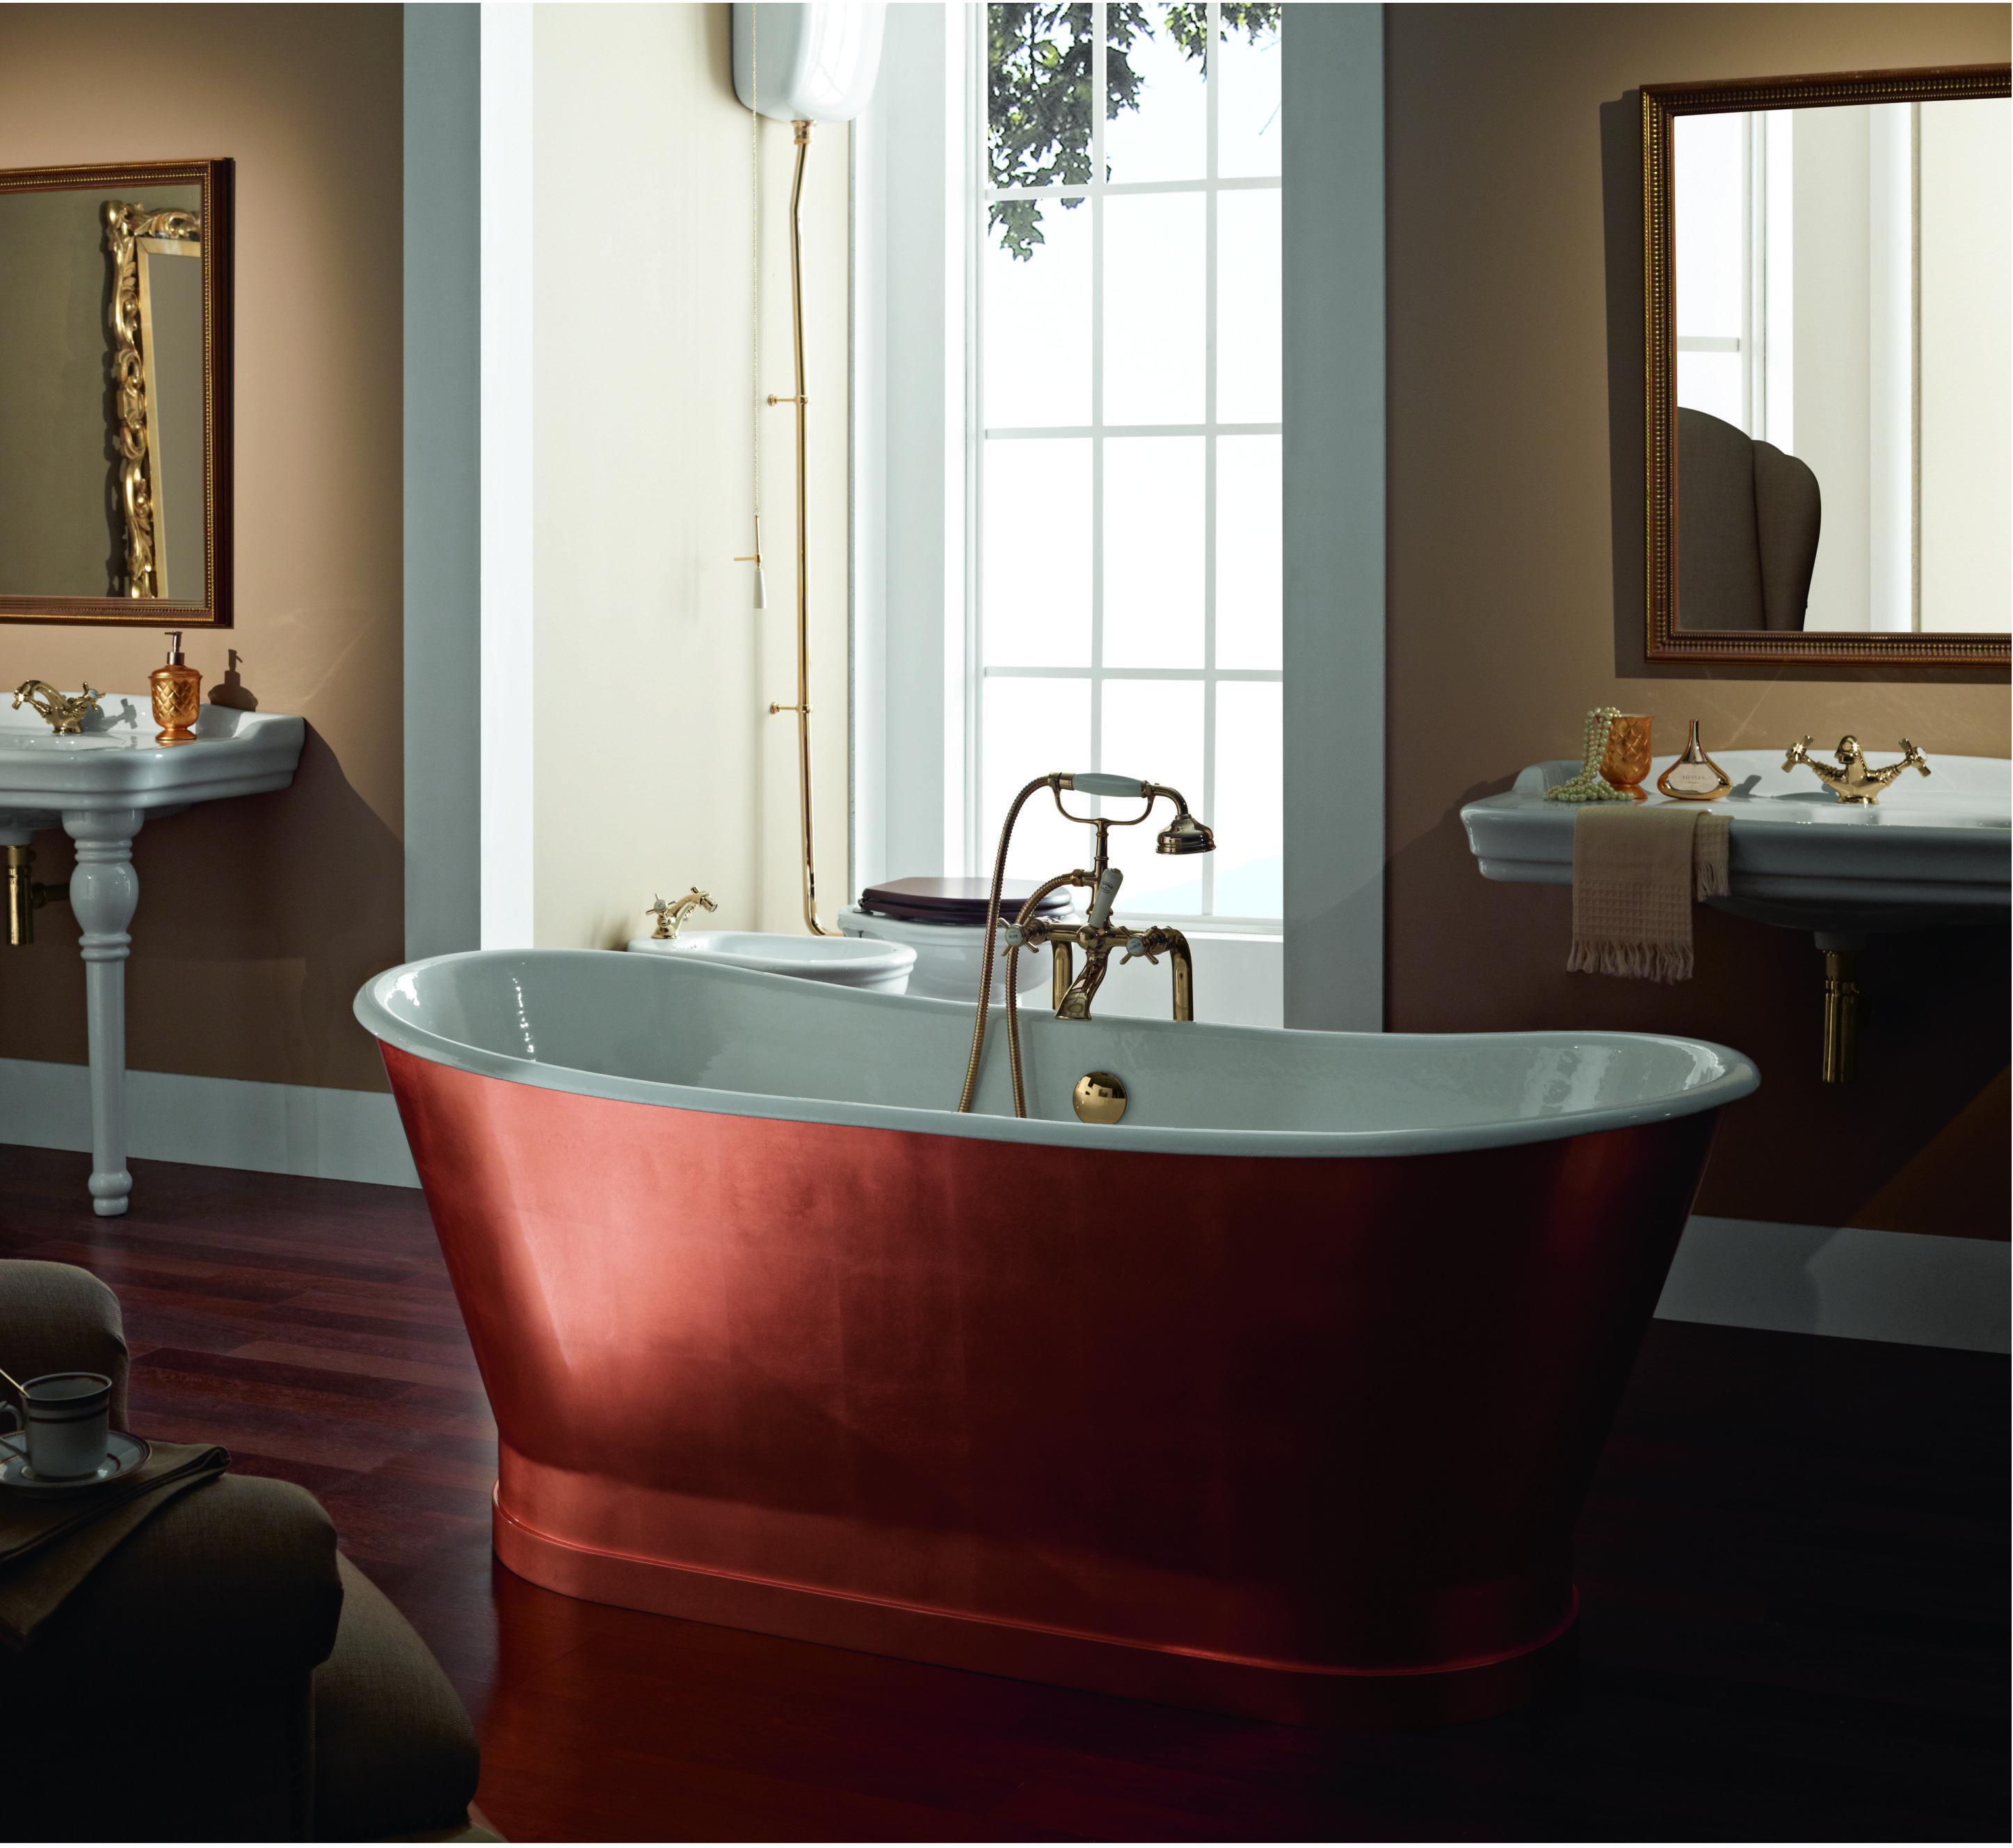 Salle De Bain Cuivree ~ baignoire en fonte antica finition feuilles de cuivre baignoires